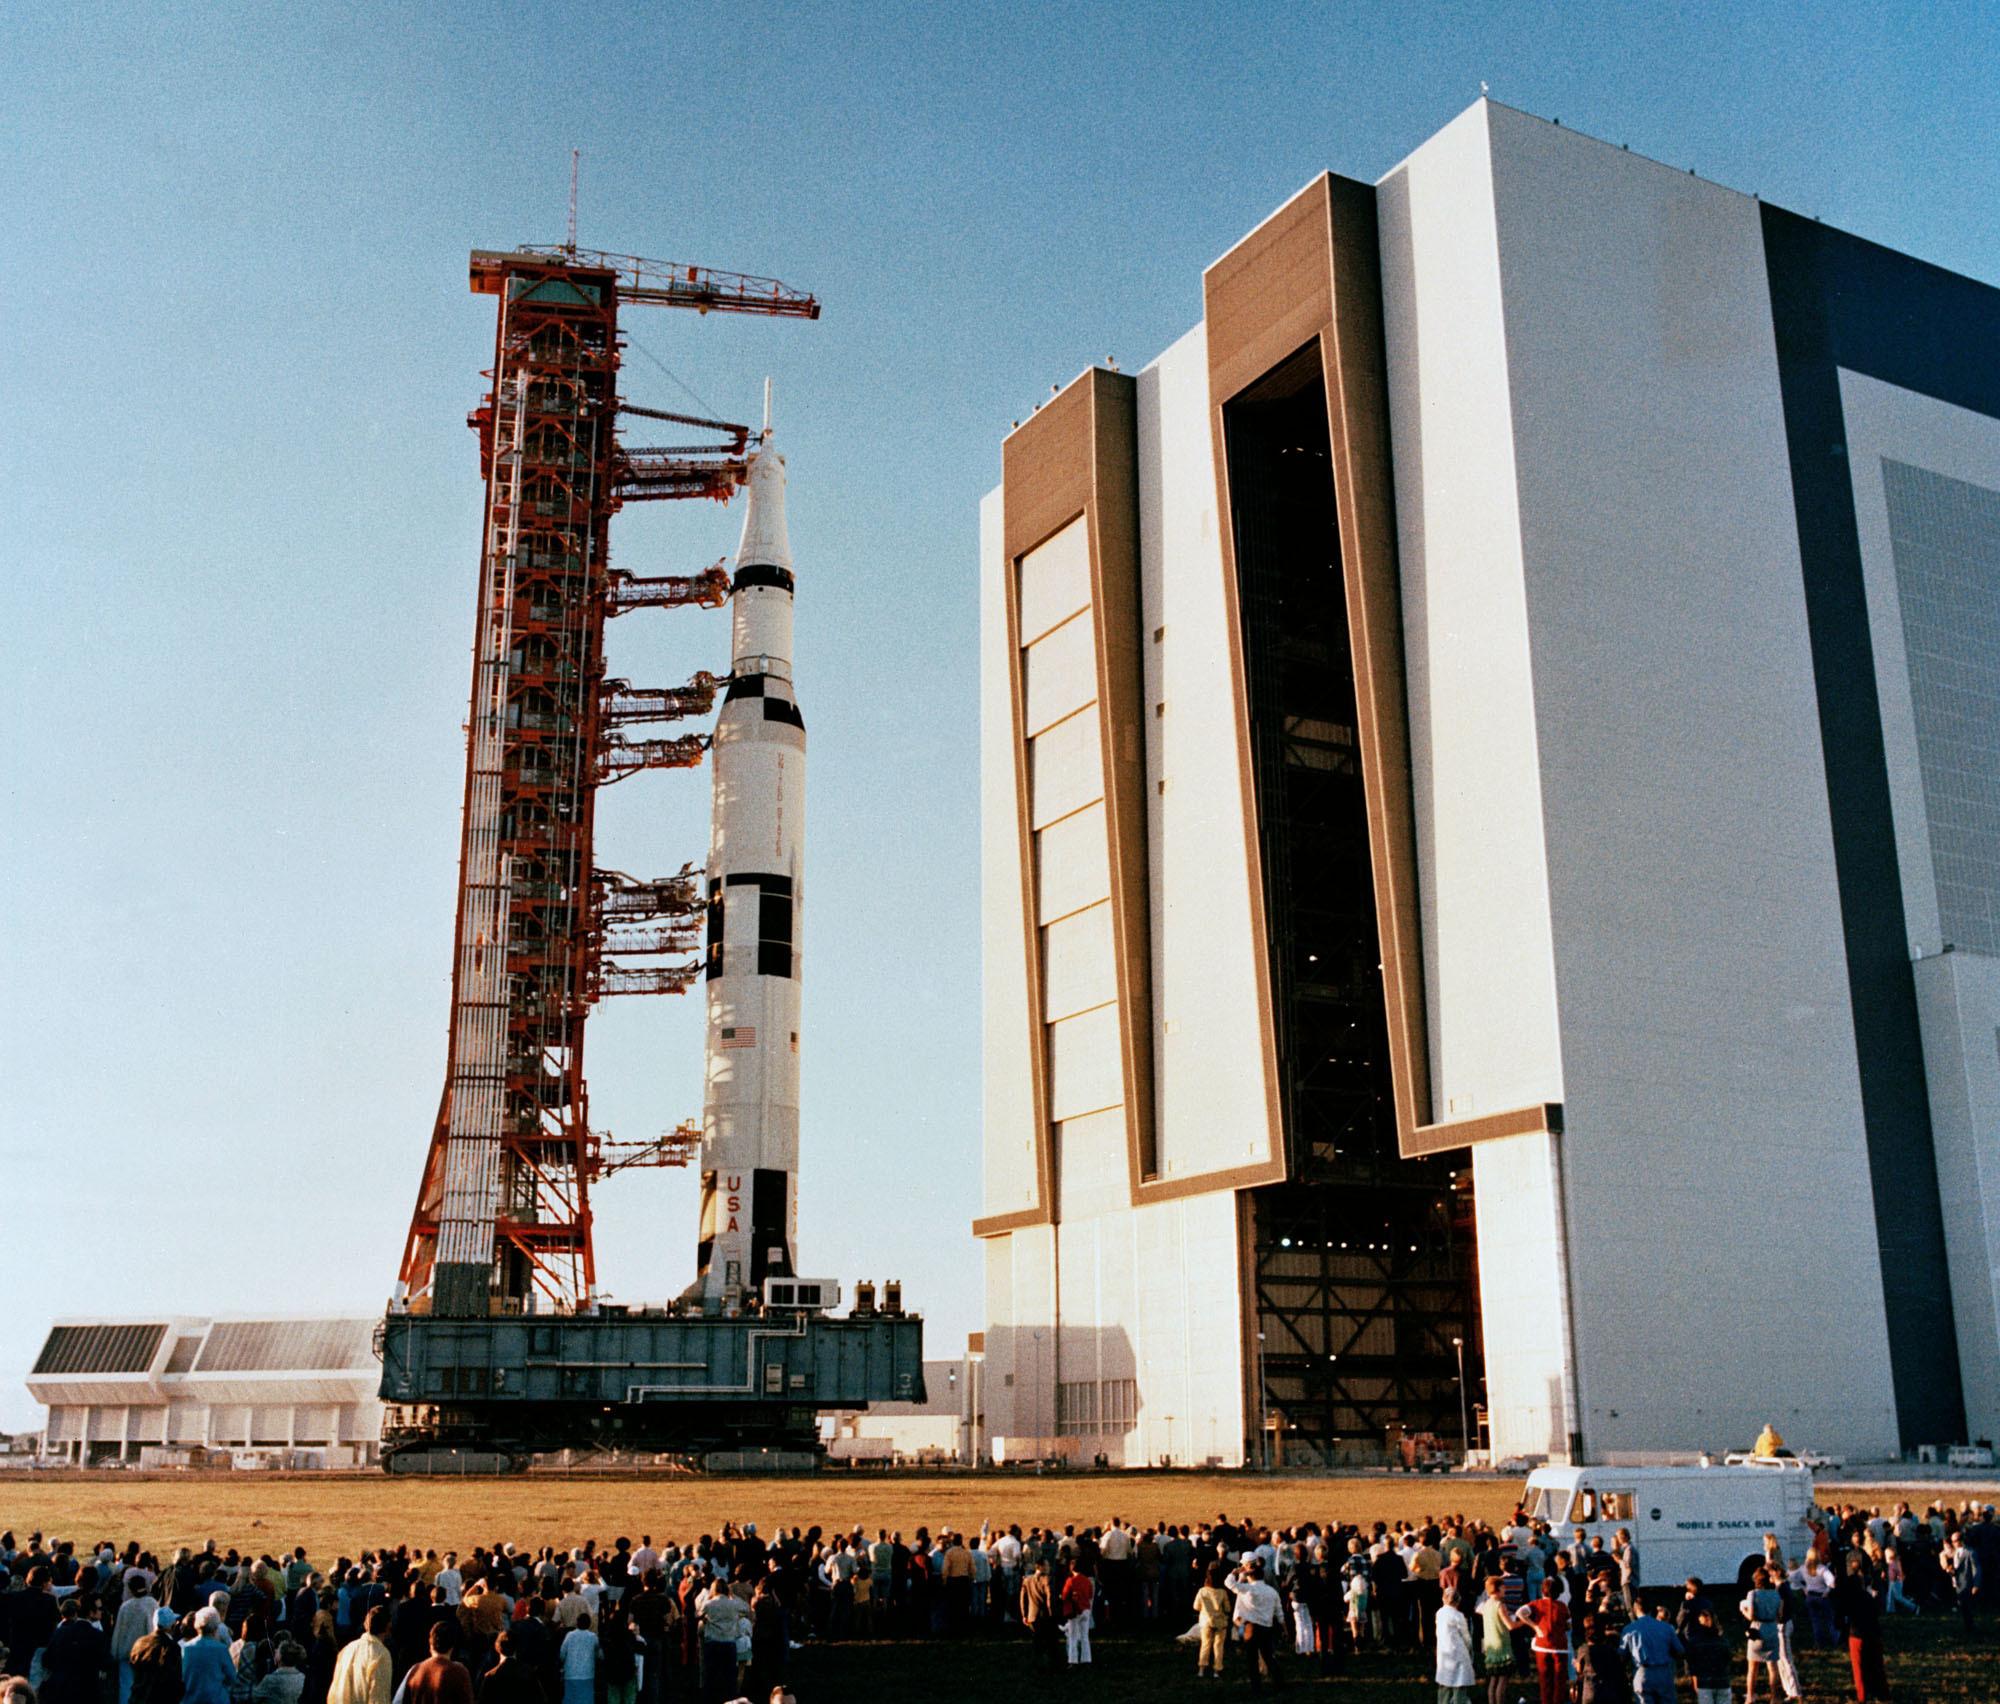 apollo space program cost - photo #45